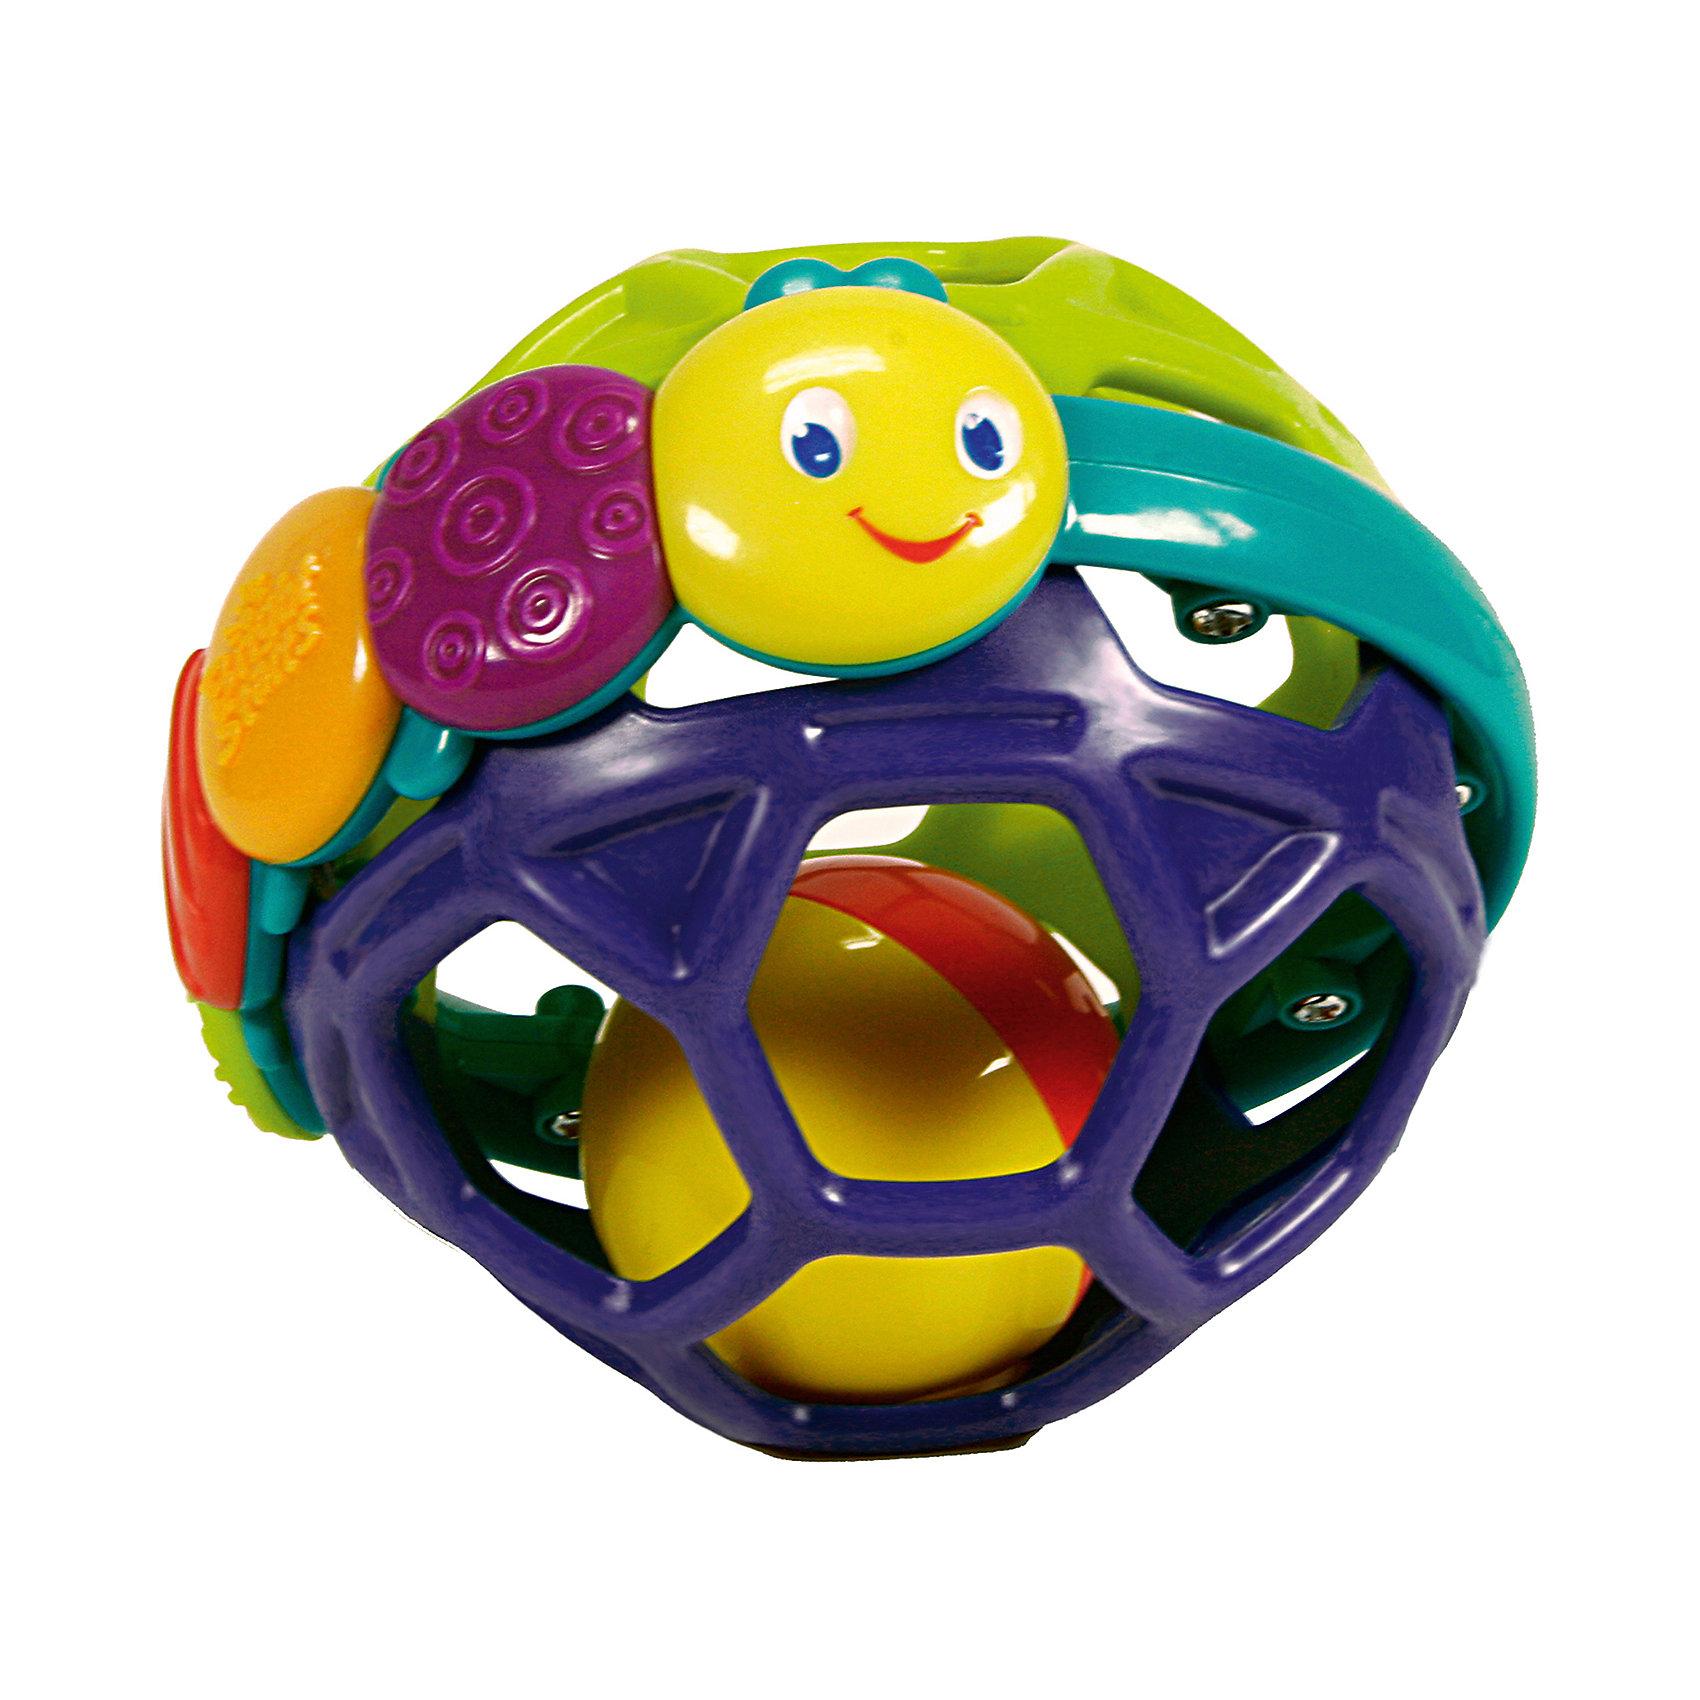 Развивающая игрушка Гибкий шарик, Bright StartsЯркий разноцветный шарик, который легко хватать и катать!<br><br>Особенности<br><br>Шарик создан из мягкого и гибкого пластика, чтобы малыш мог сгибать и сжимать его<br>Разноцветная гусеница с разными текстурами развивает мелкую моторику<br>Перекатывающийся шарик-погремушка <br><br>Дополнительные характеристики<br><br>Размеры товара: 11 * 11 * 11 см<br>Размеры коробки: 14 * 11 * 19 см<br><br>Ширина мм: 143<br>Глубина мм: 107<br>Высота мм: 191<br>Вес г: 136<br>Возраст от месяцев: 3<br>Возраст до месяцев: 36<br>Пол: Унисекс<br>Возраст: Детский<br>SKU: 2225532